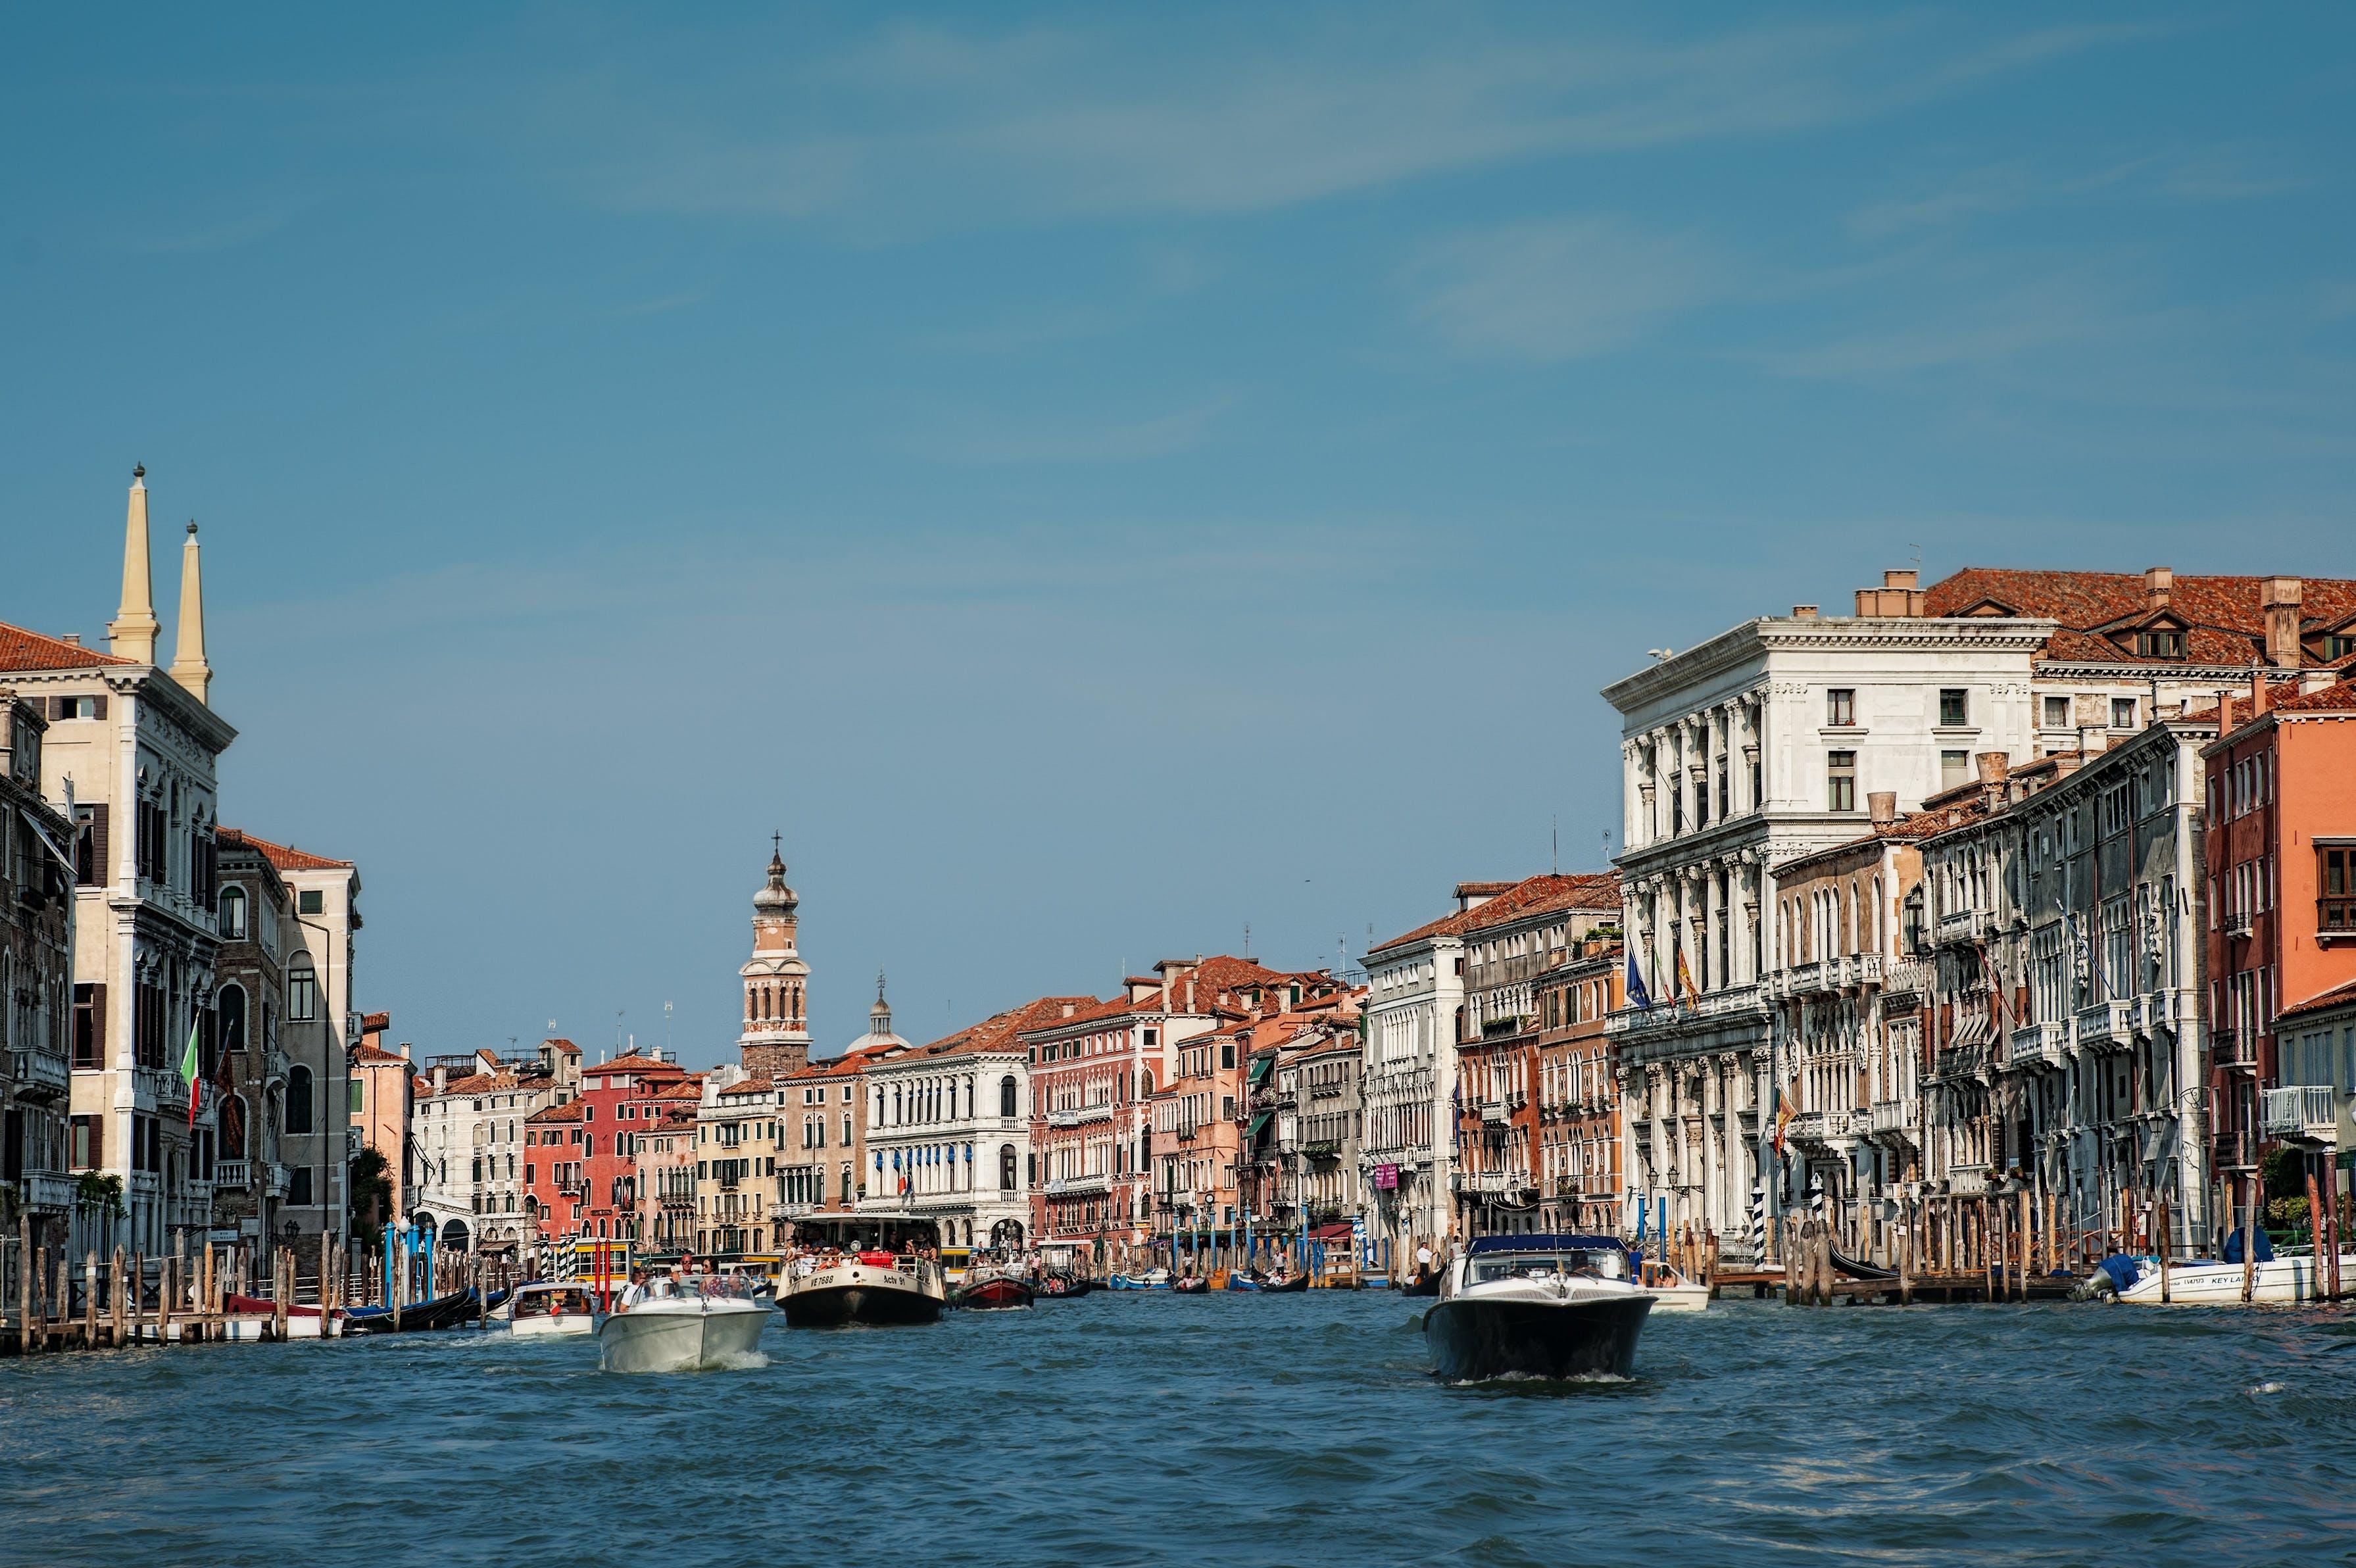 Kostenloses Stock Foto zu architektur, gebäude, gondel, italien